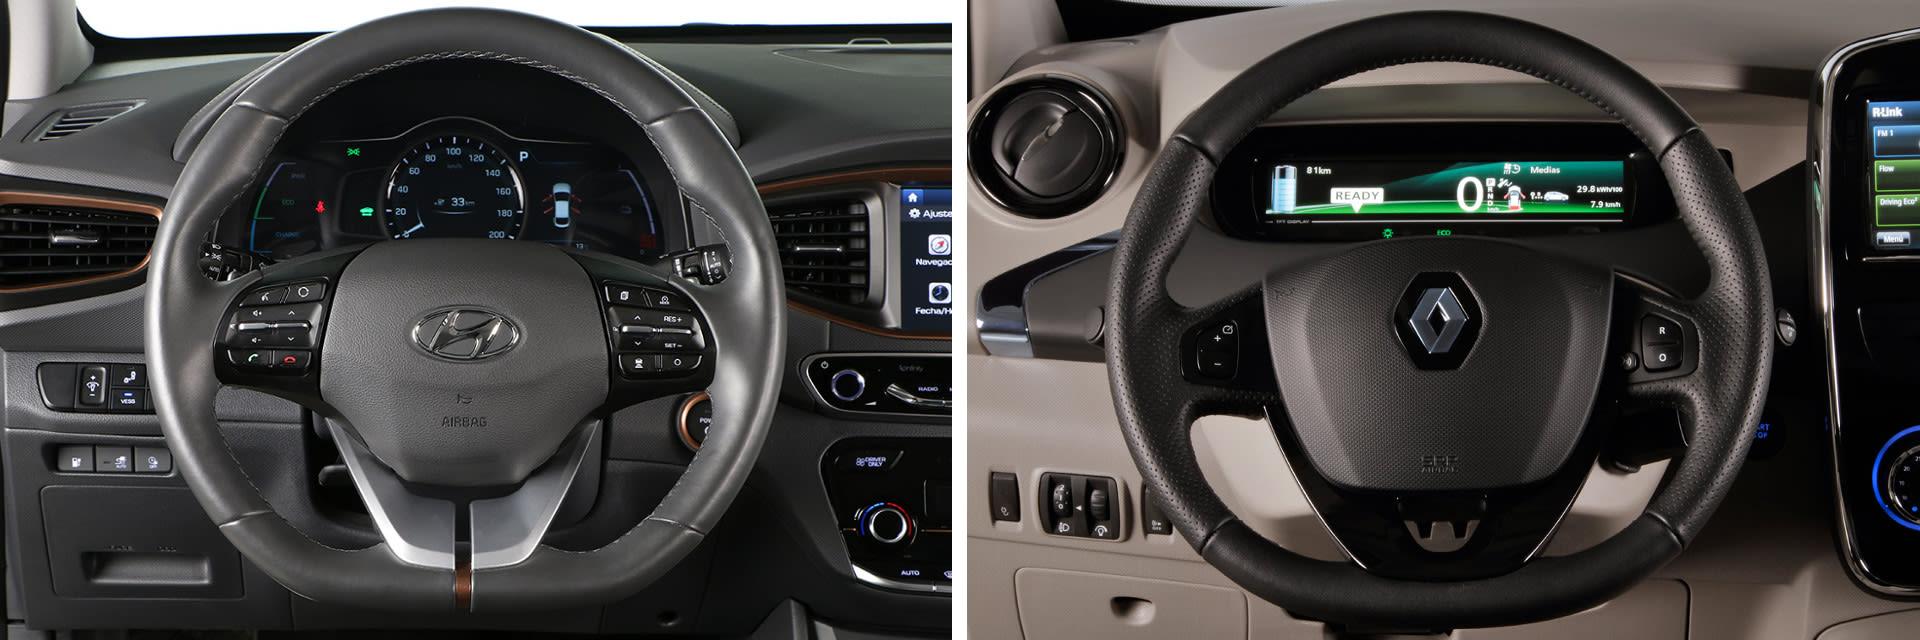 Los volantes de ambos modelos cuentan con ajuste tanto en vertical como en horizontal.